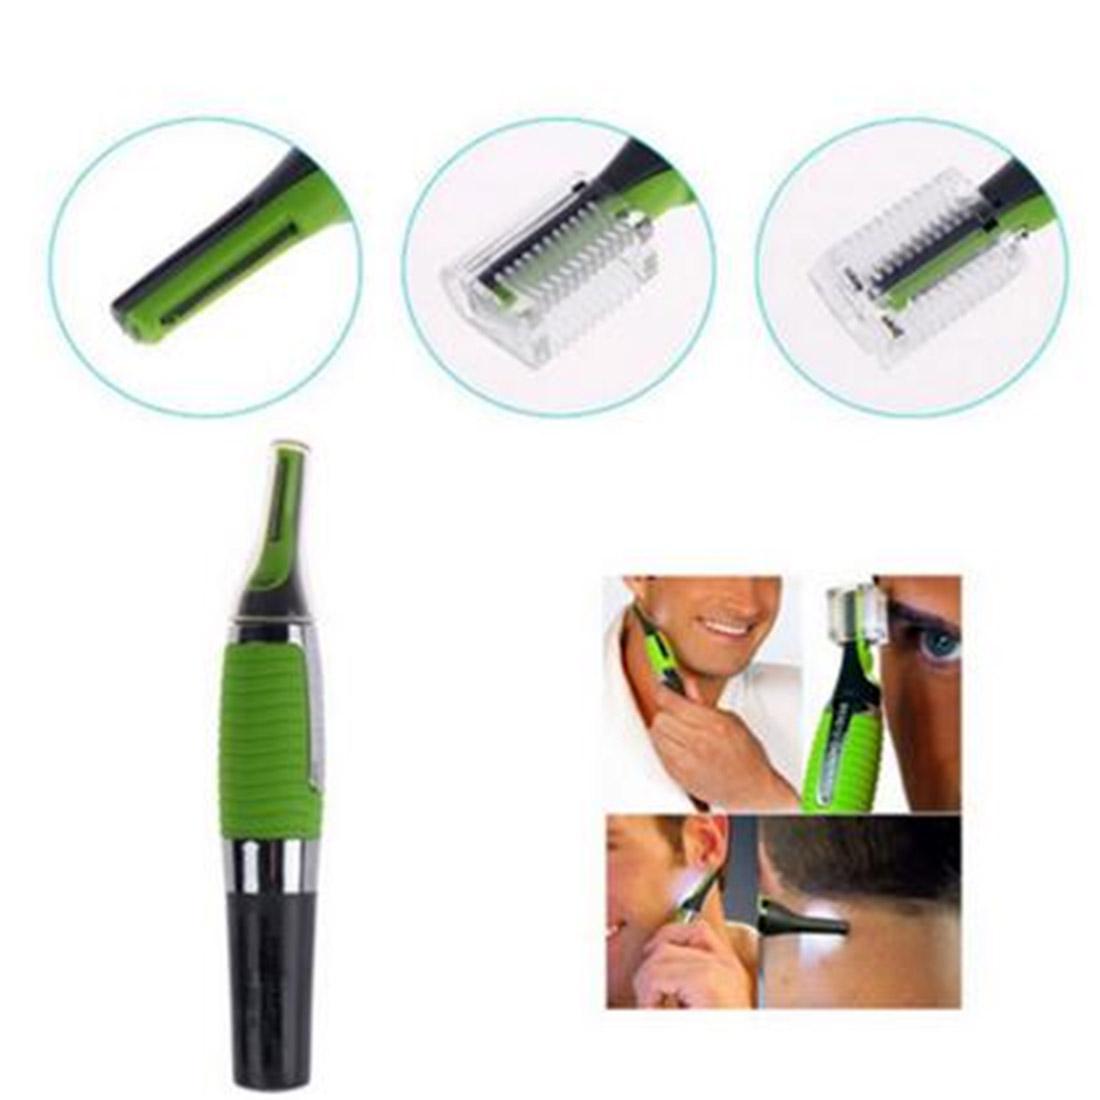 Мода аксессуар нос волосы триммер бритья устройства категории Многофункциональные привело уха электрические бритвы фото